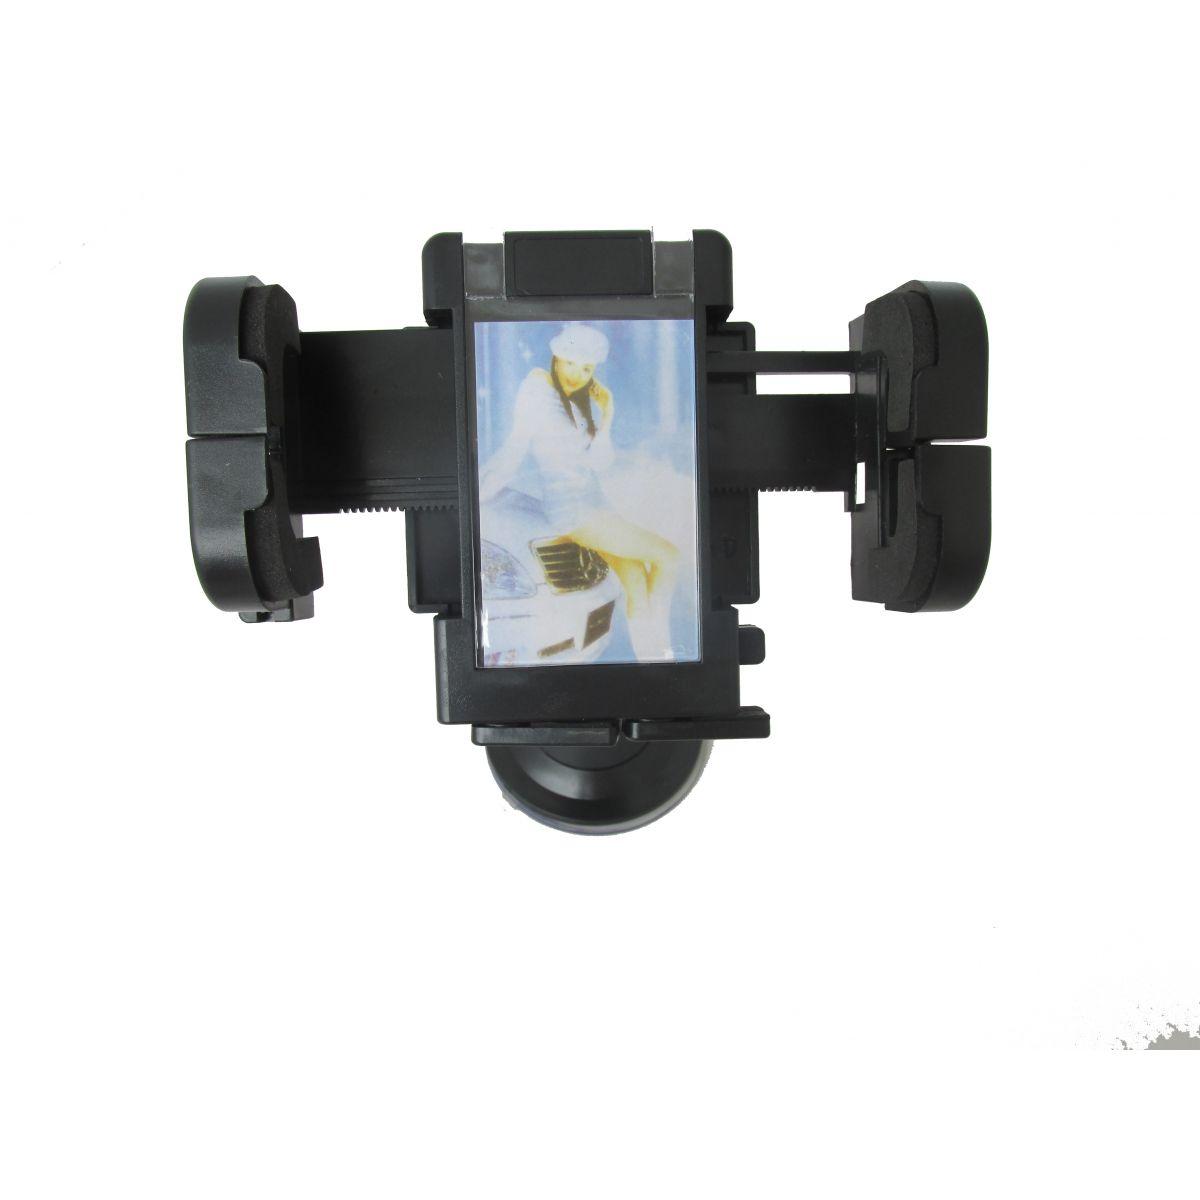 Suporte Universal Veicular para Celular Smartphone e GPS Classico